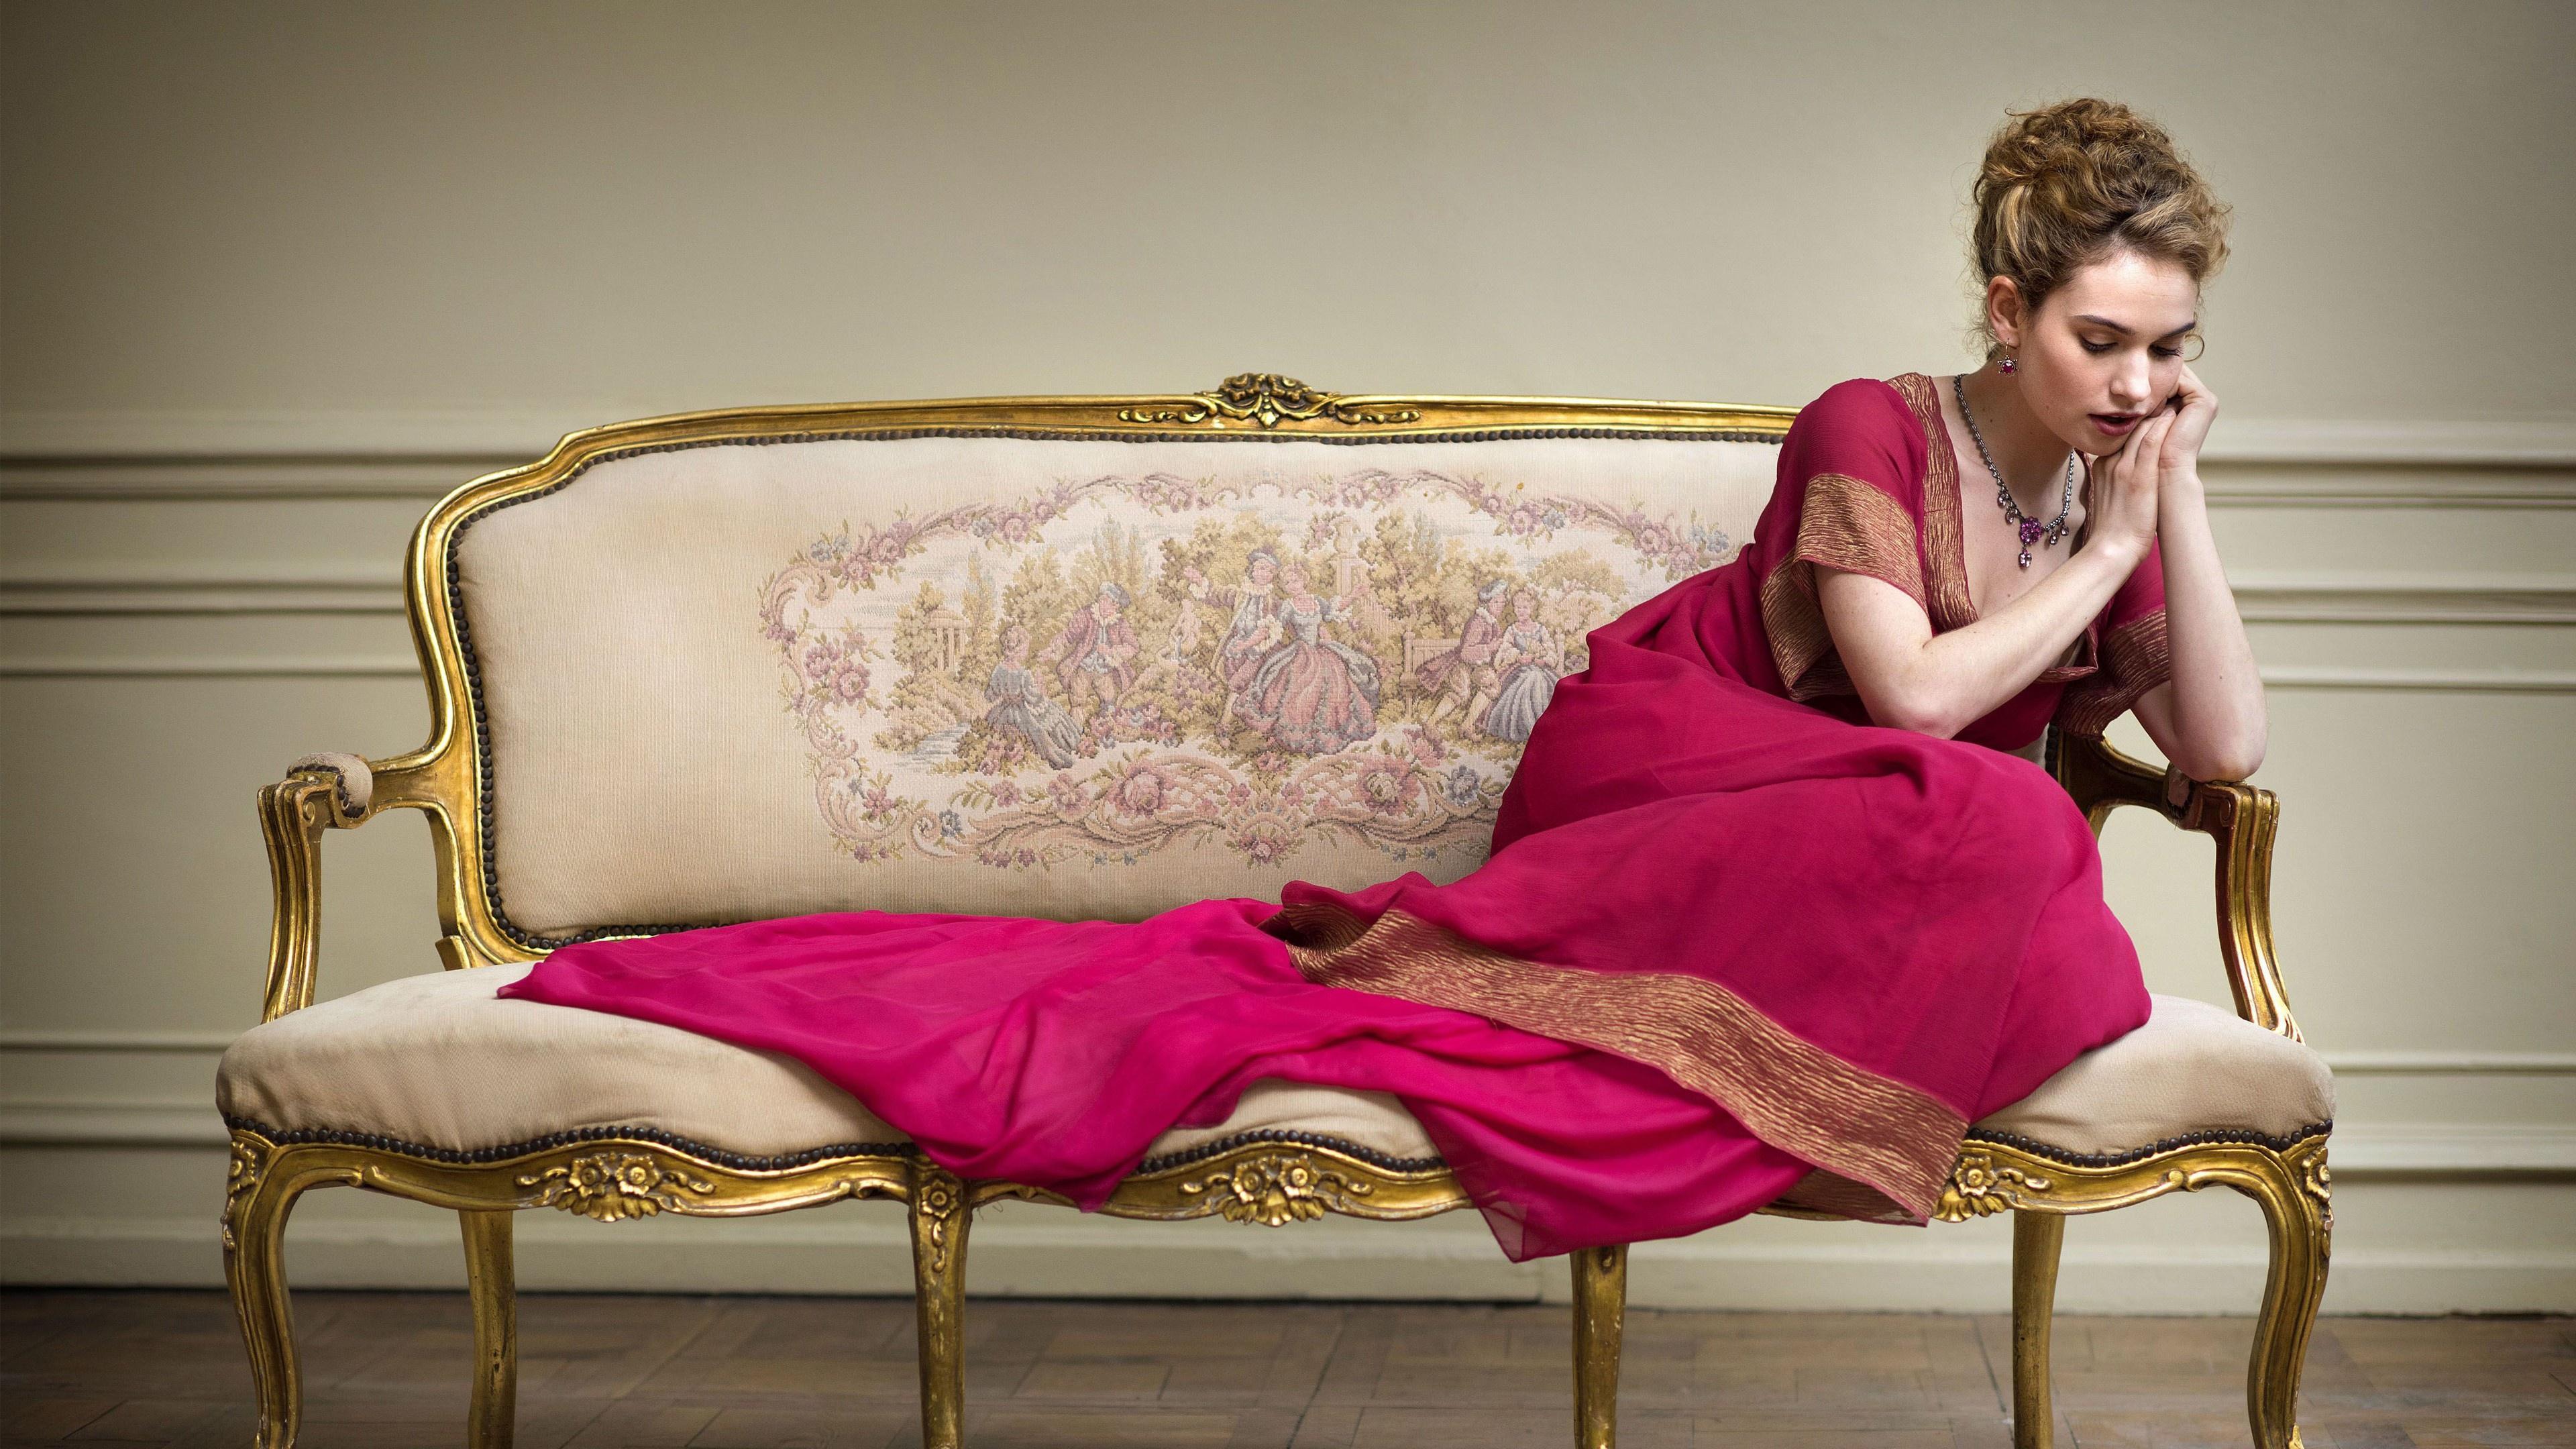 Фотографии Лили Джеймс молодая женщина диване сидящие Знаменитости платья 3840x2160 девушка Девушки молодые женщины сидя Диван Сидит Платье